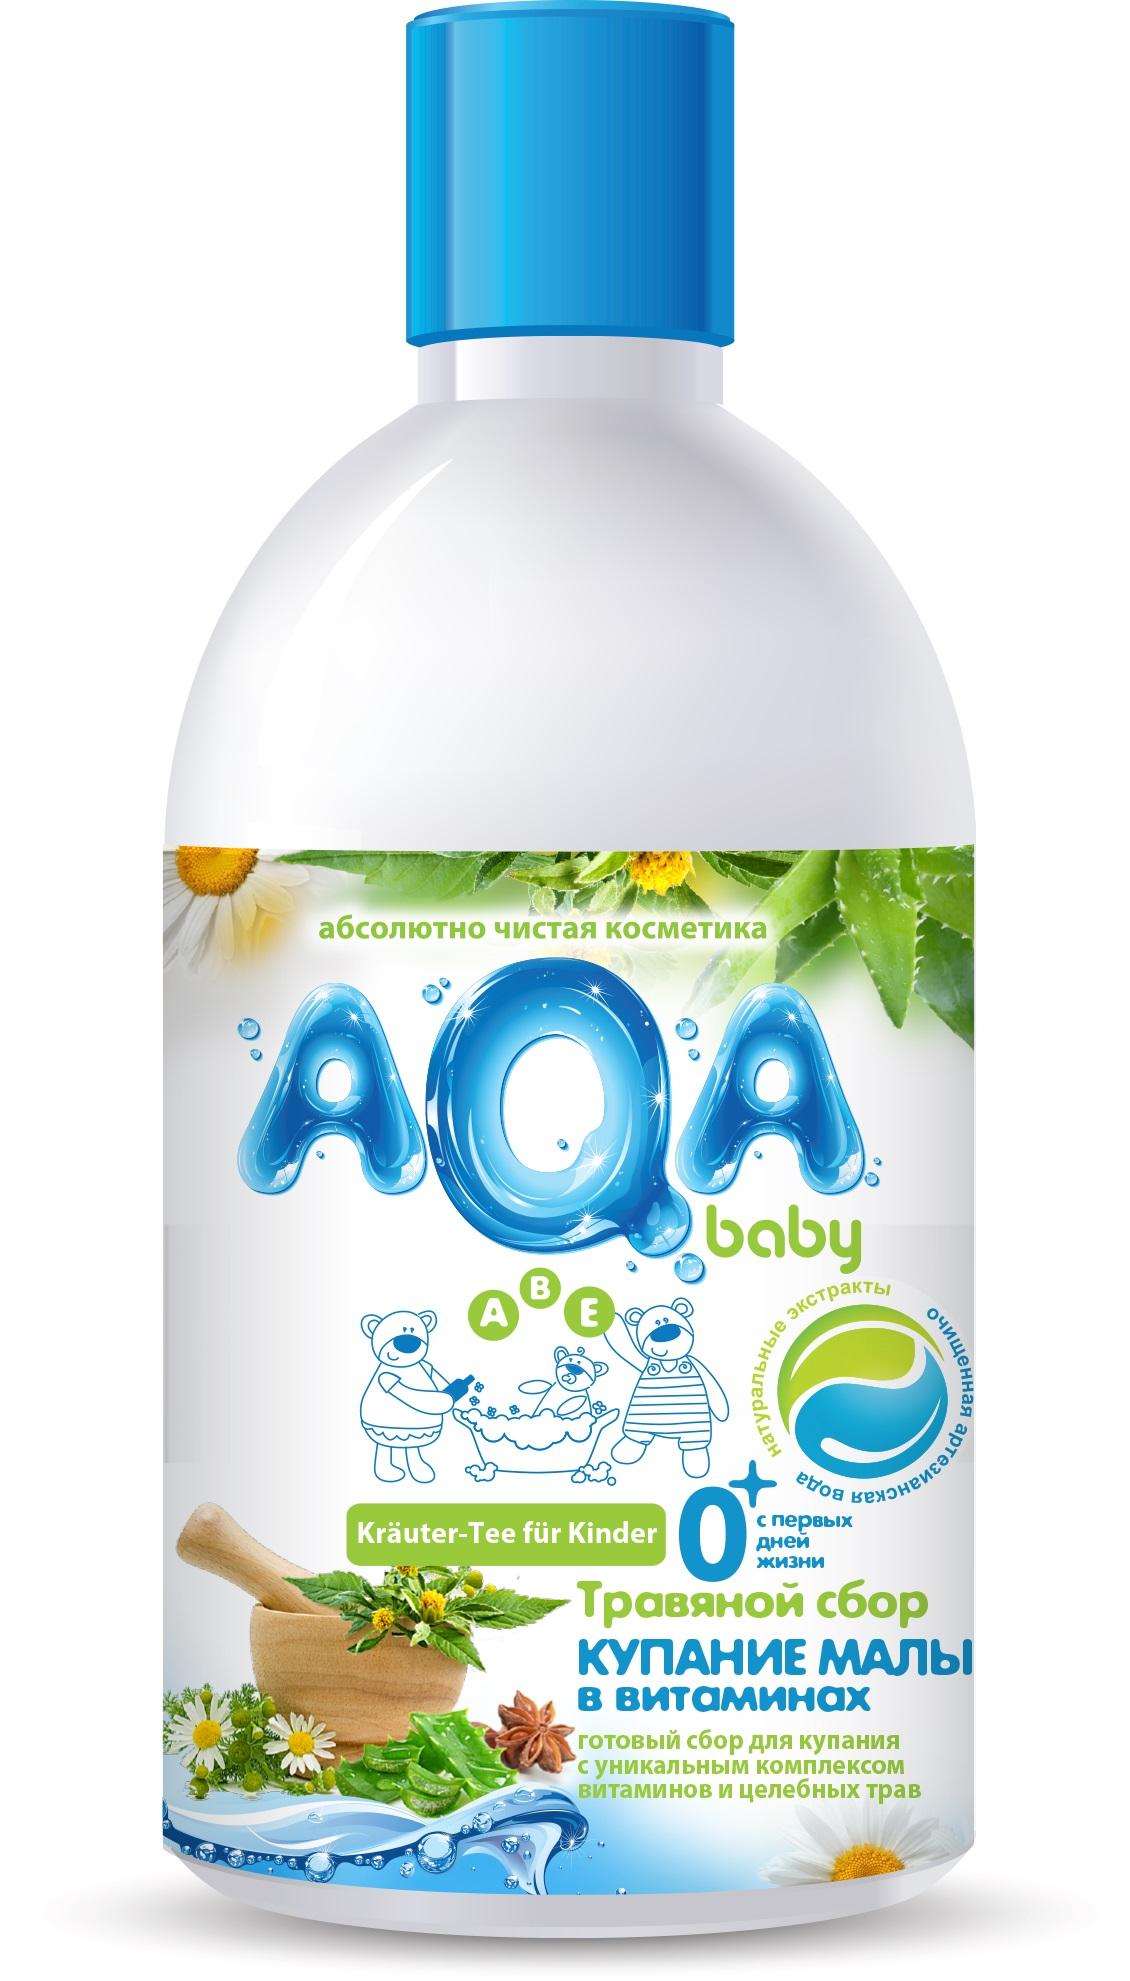 Соли и экстракты AQA baby Травяной сбор для купания AQA baby «Купание в витаминах» 300 мл herbal baby spa травяной сбор нежная кожа 45 г